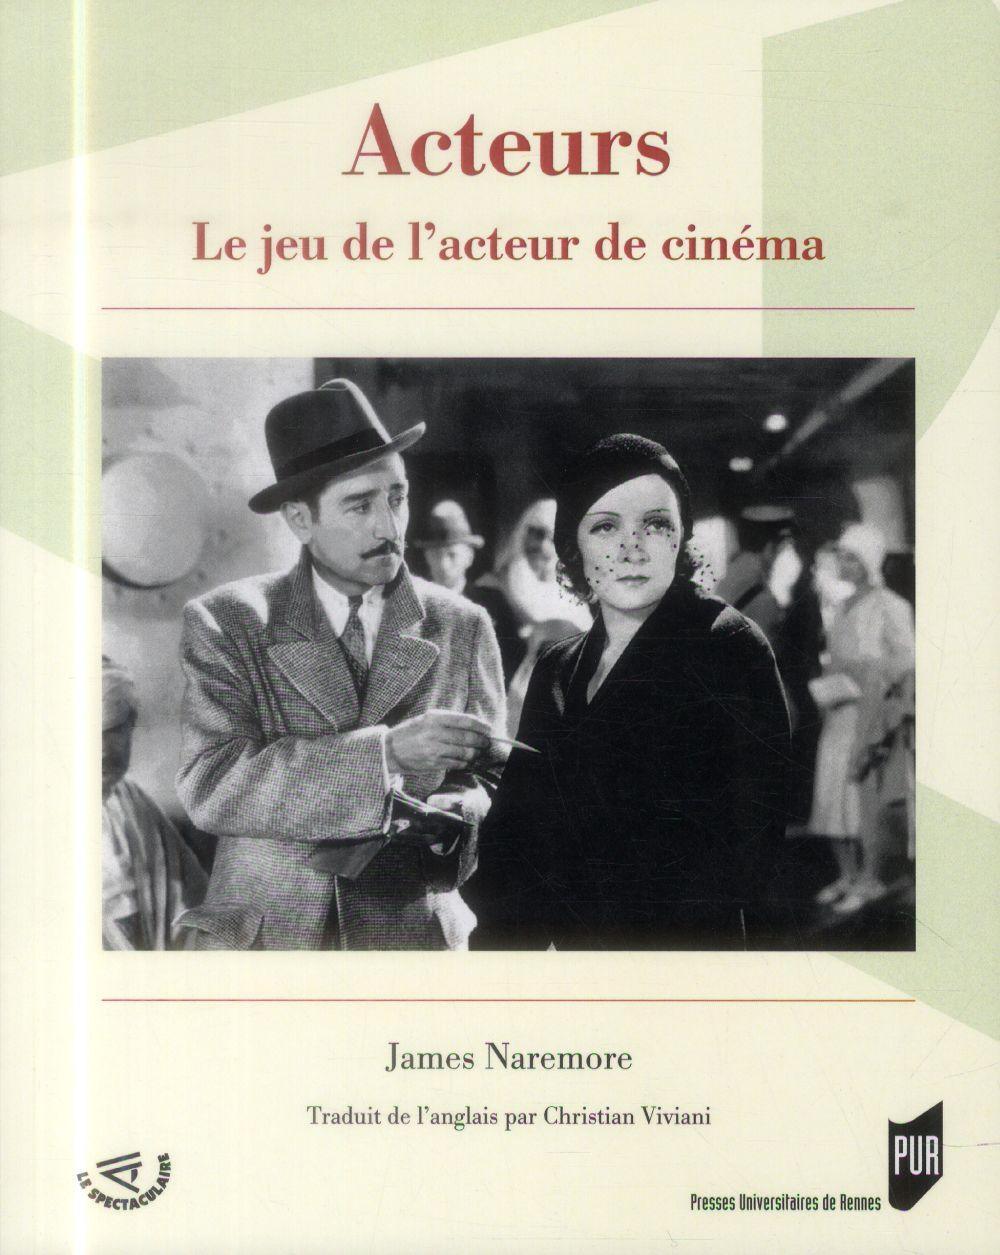 ACTEURS LE JEU DE L'ACTEUR DE CINEMA